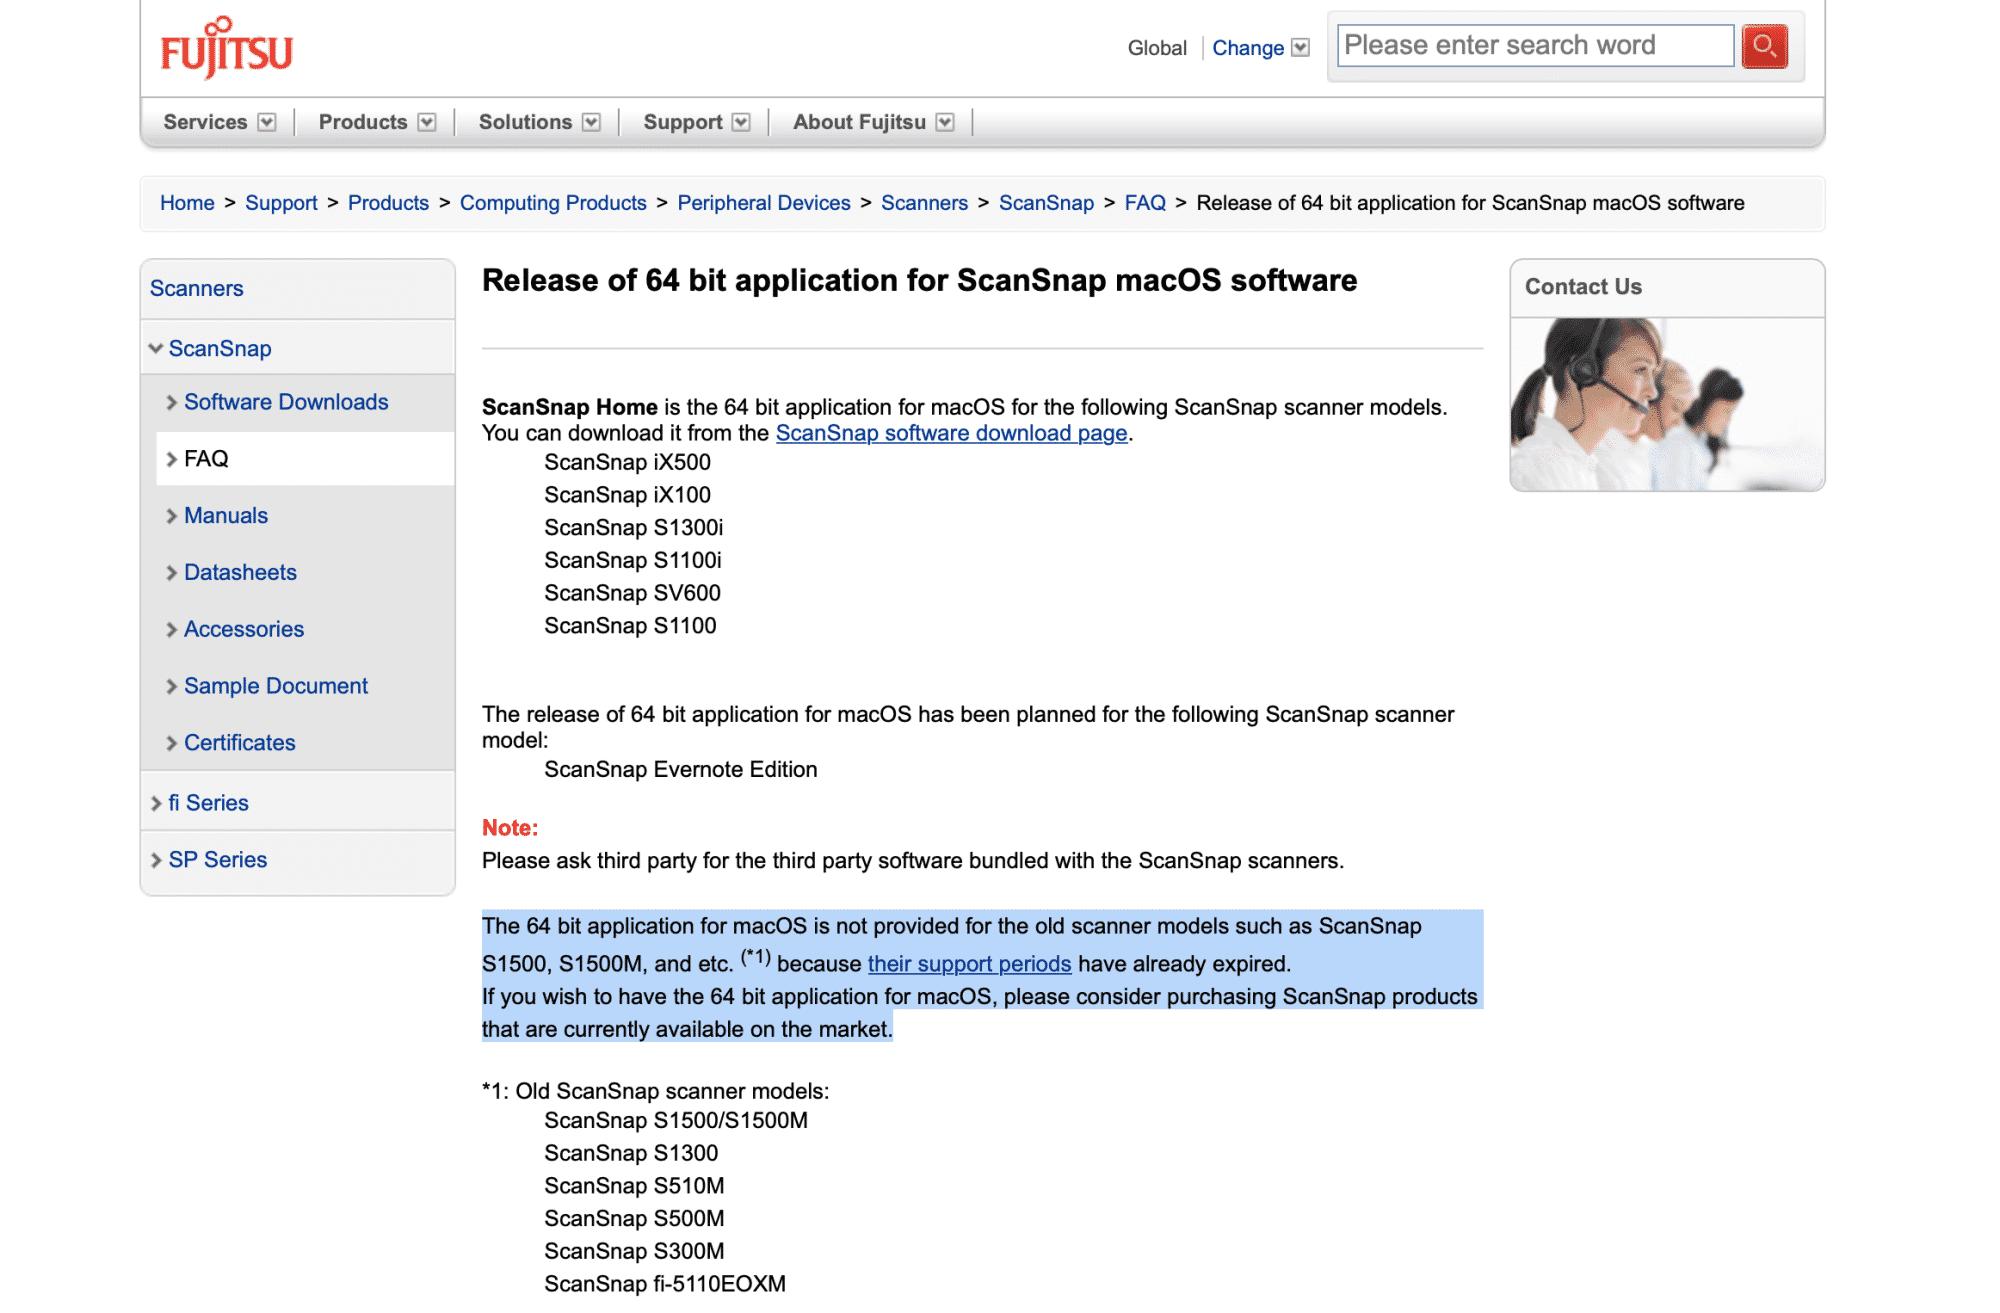 Keine 64-Bit-App für ältere Fujitsu-Scanner.